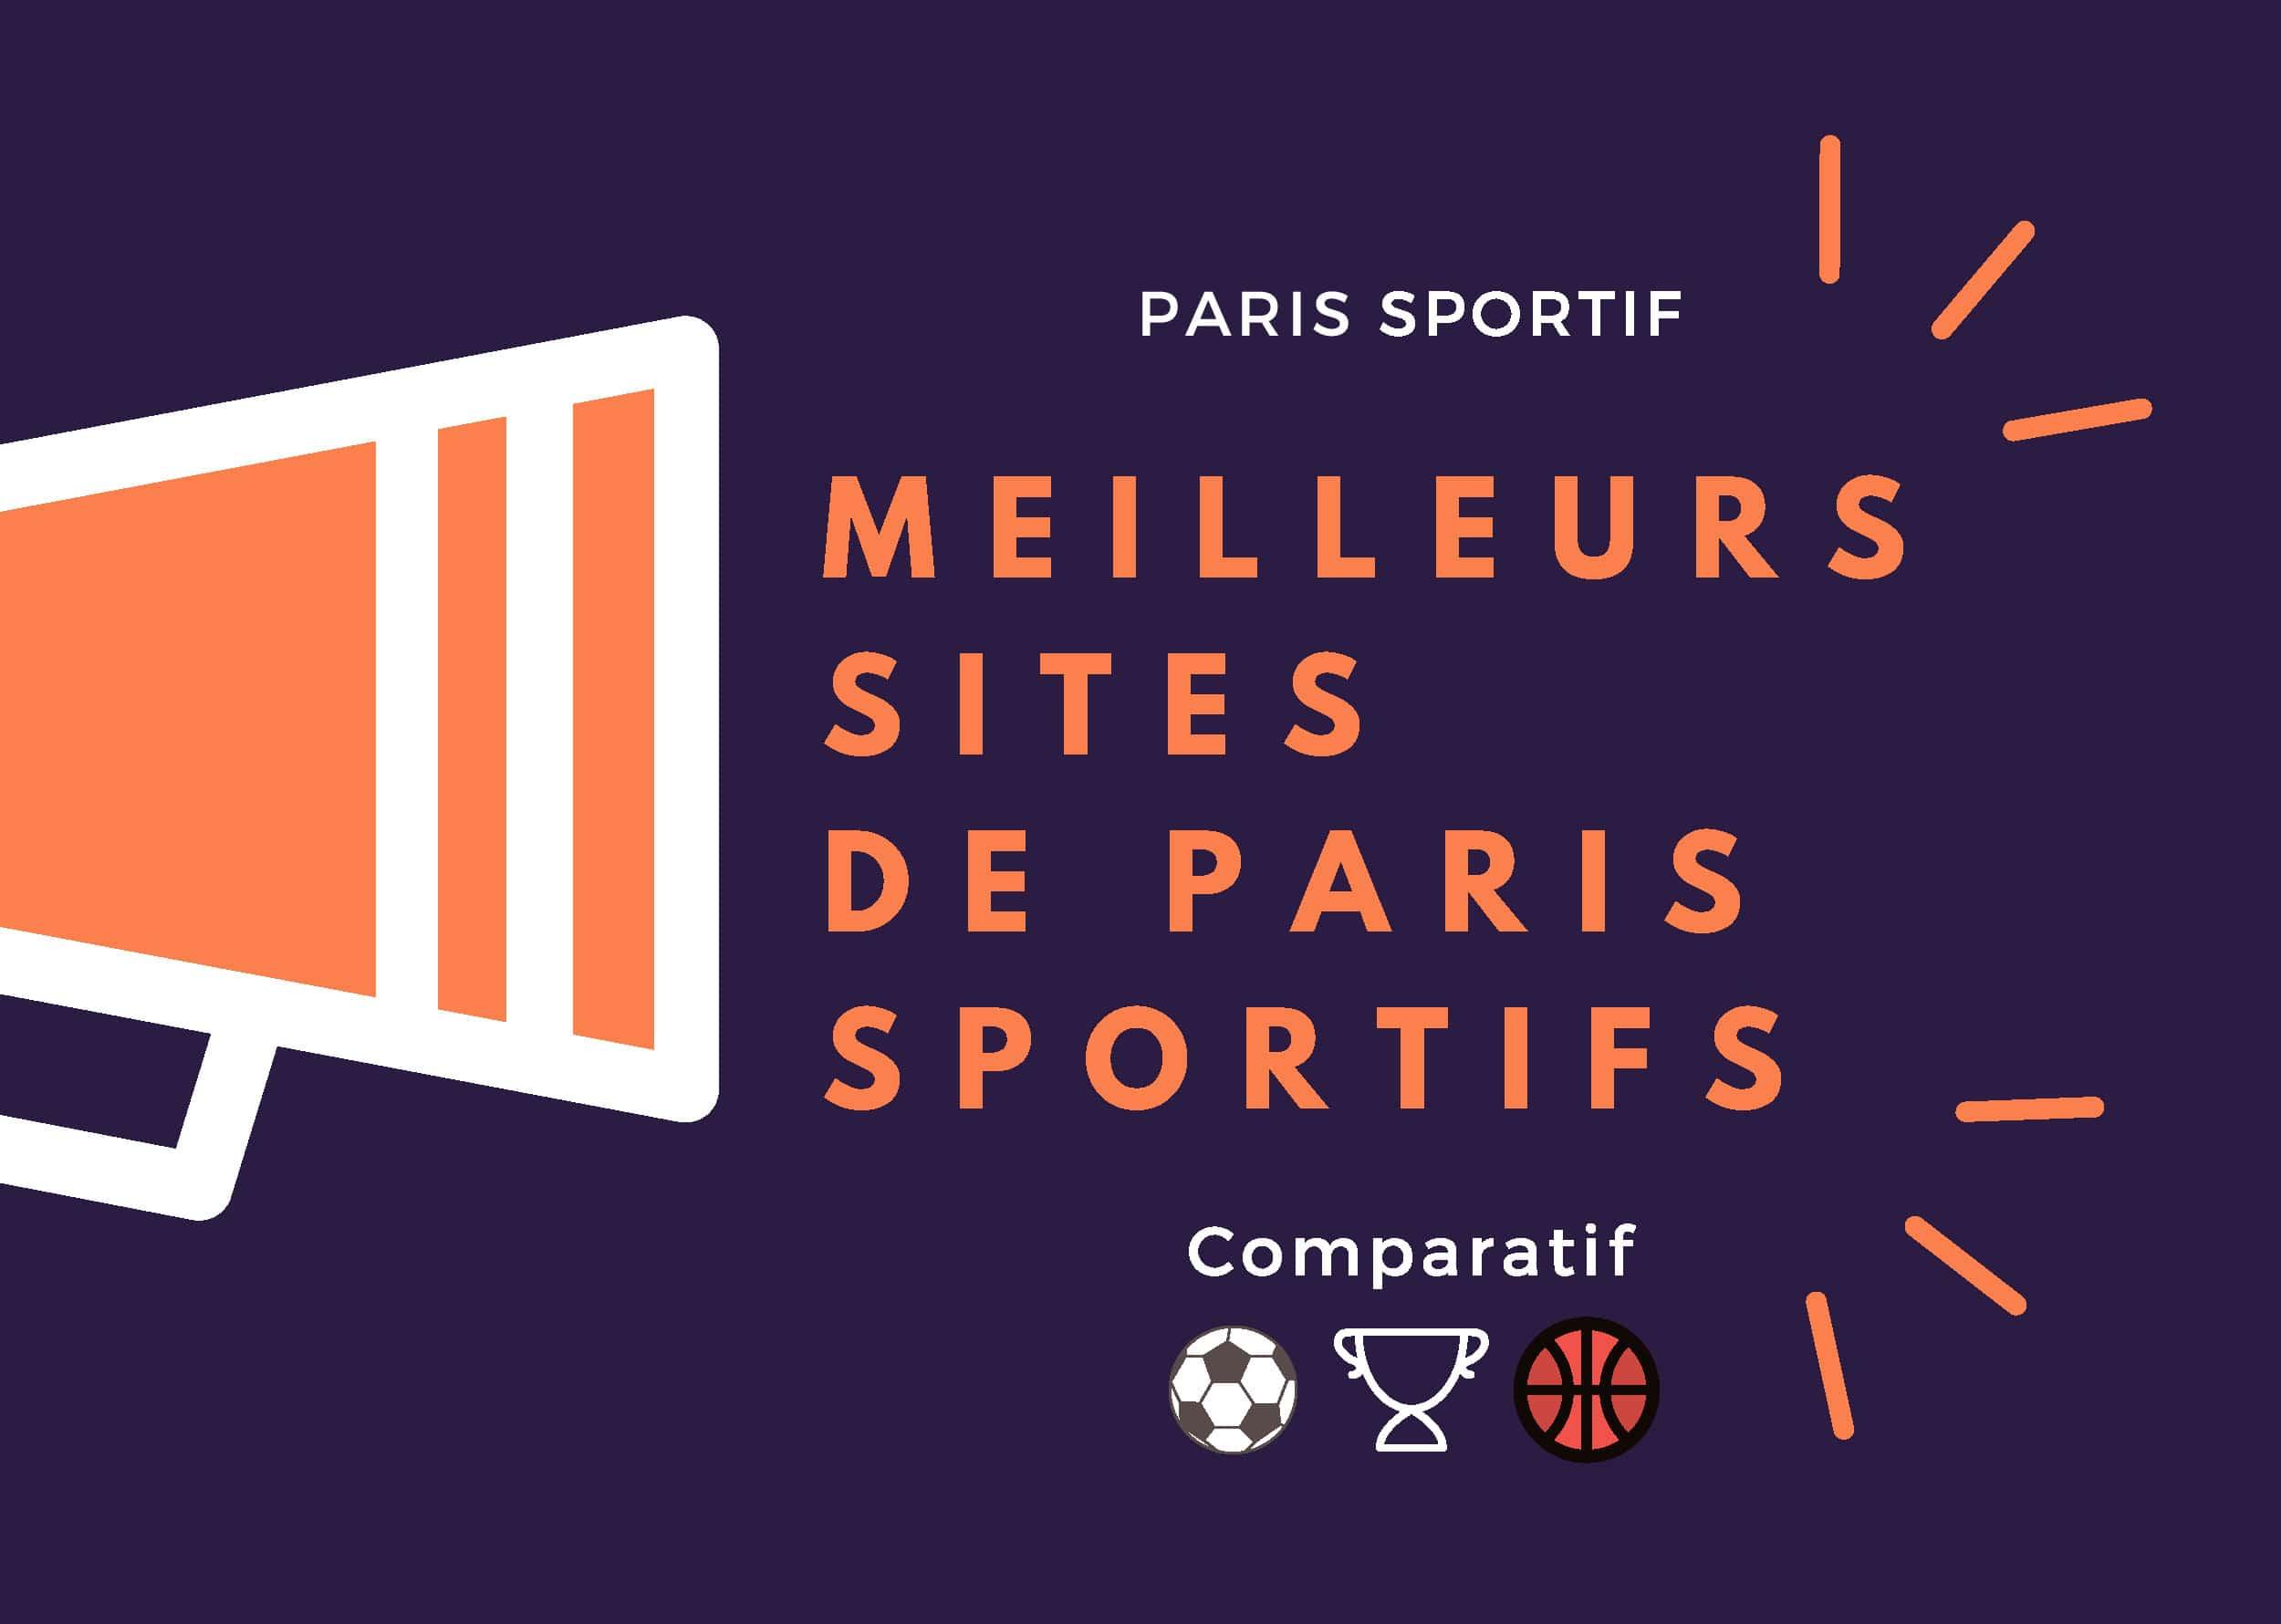 meilleurs sites de paris sportifs